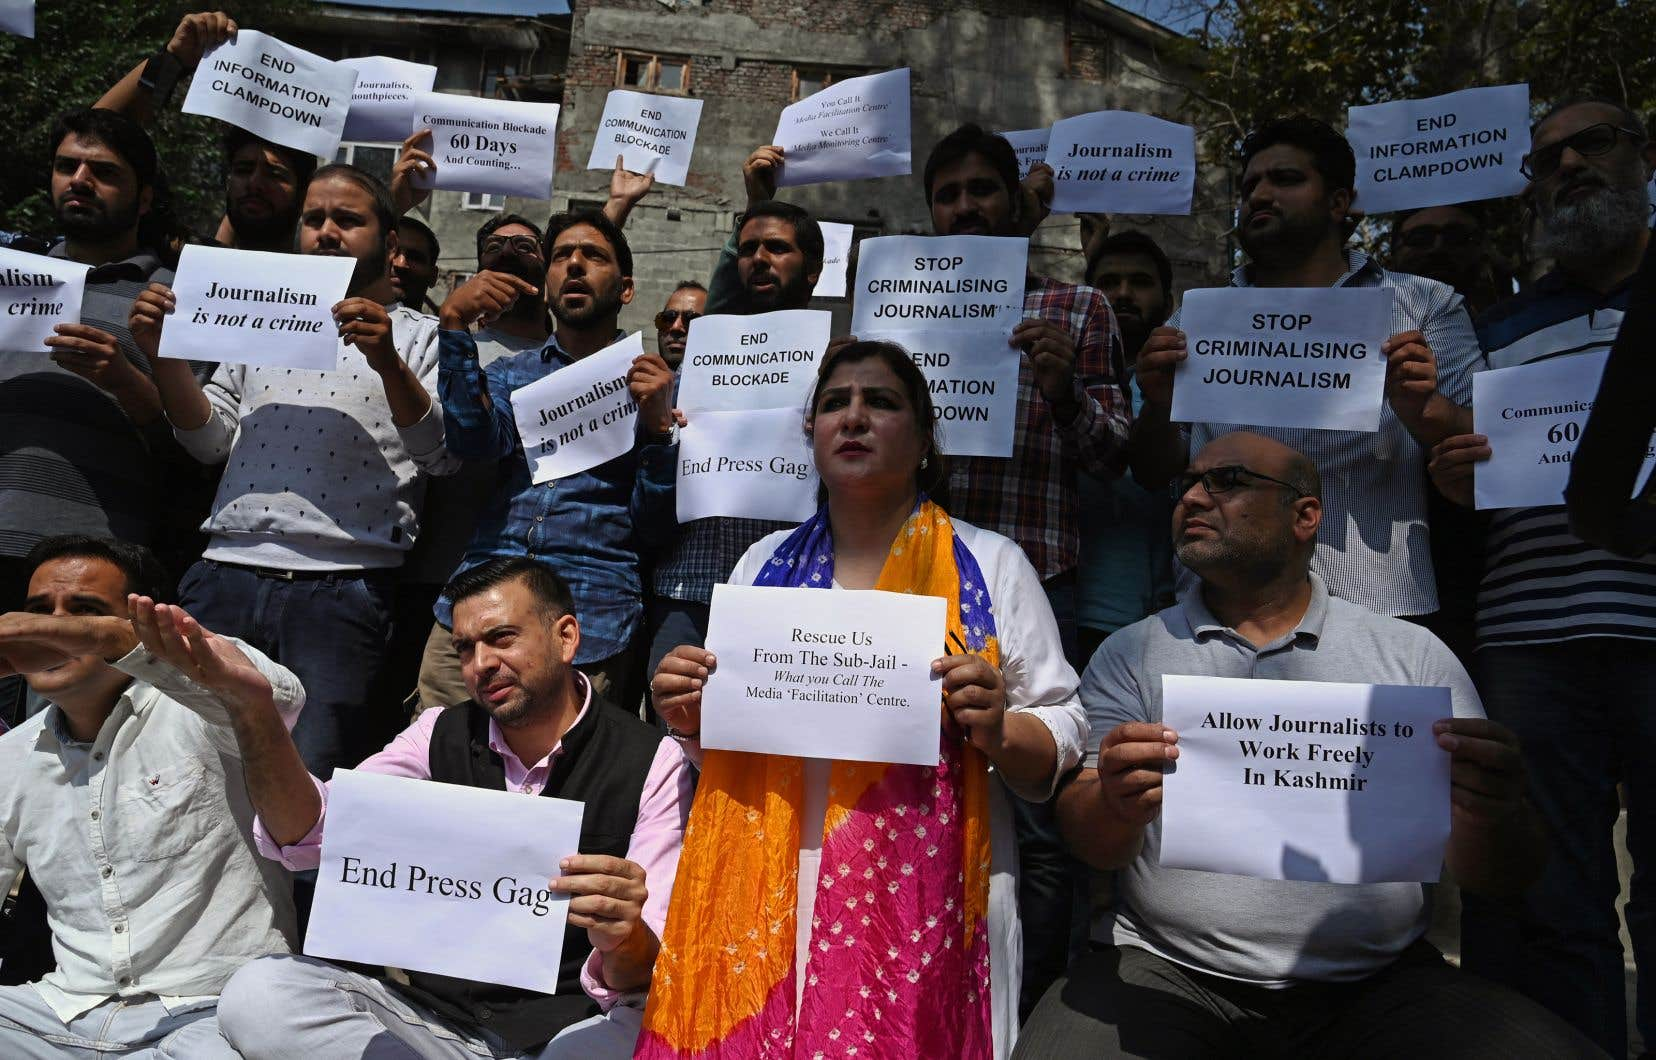 L'accès à Internet est contrôlé, et les reporters locaux sont soumis à des restrictions de déplacements, ont dénoncé les journalistes participant au rassemblement.